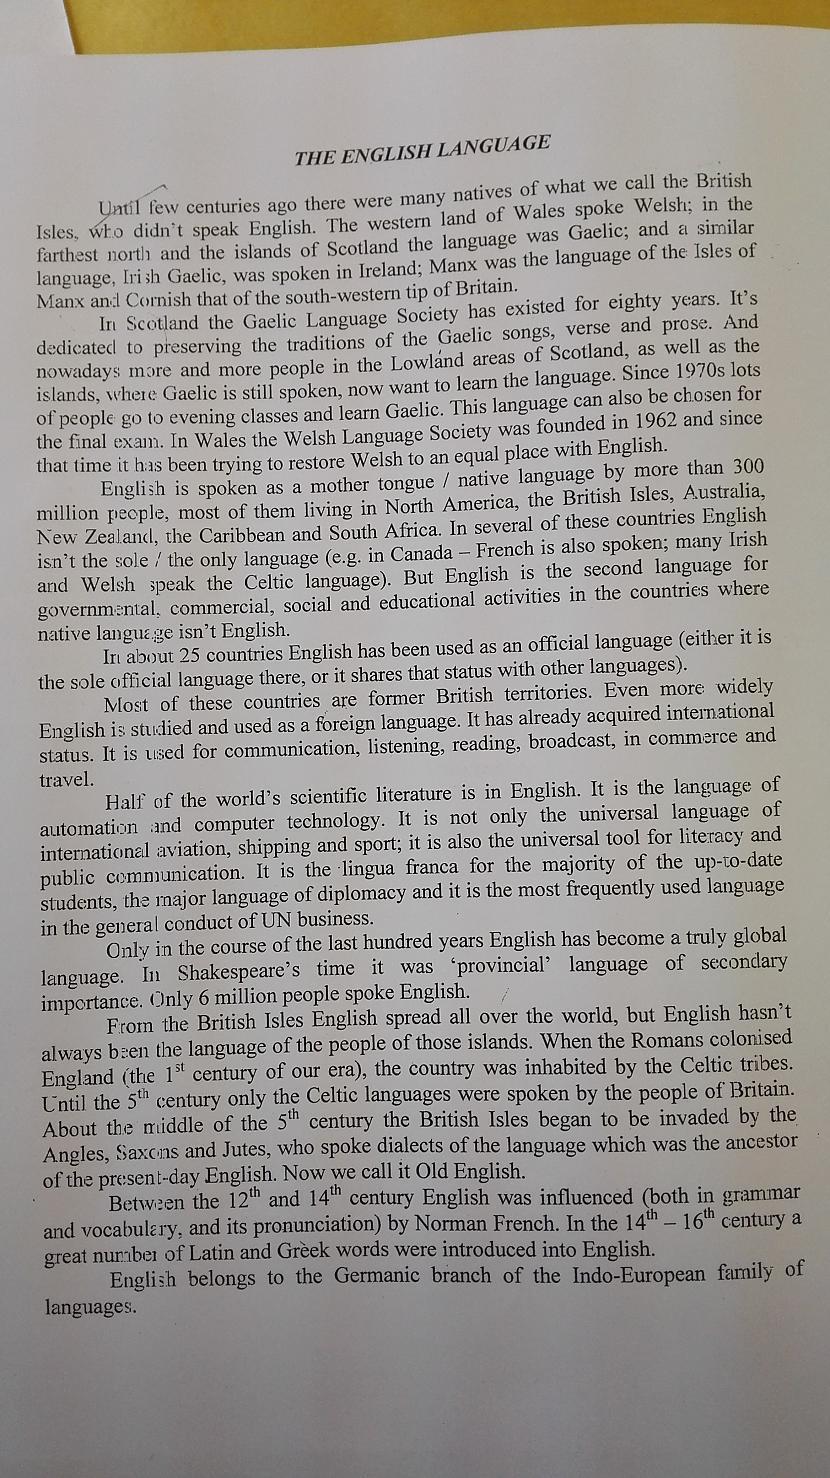 Angļu valodas teksts Autors: XenonCatxd Mana dienasgrāmata- 15.septembris